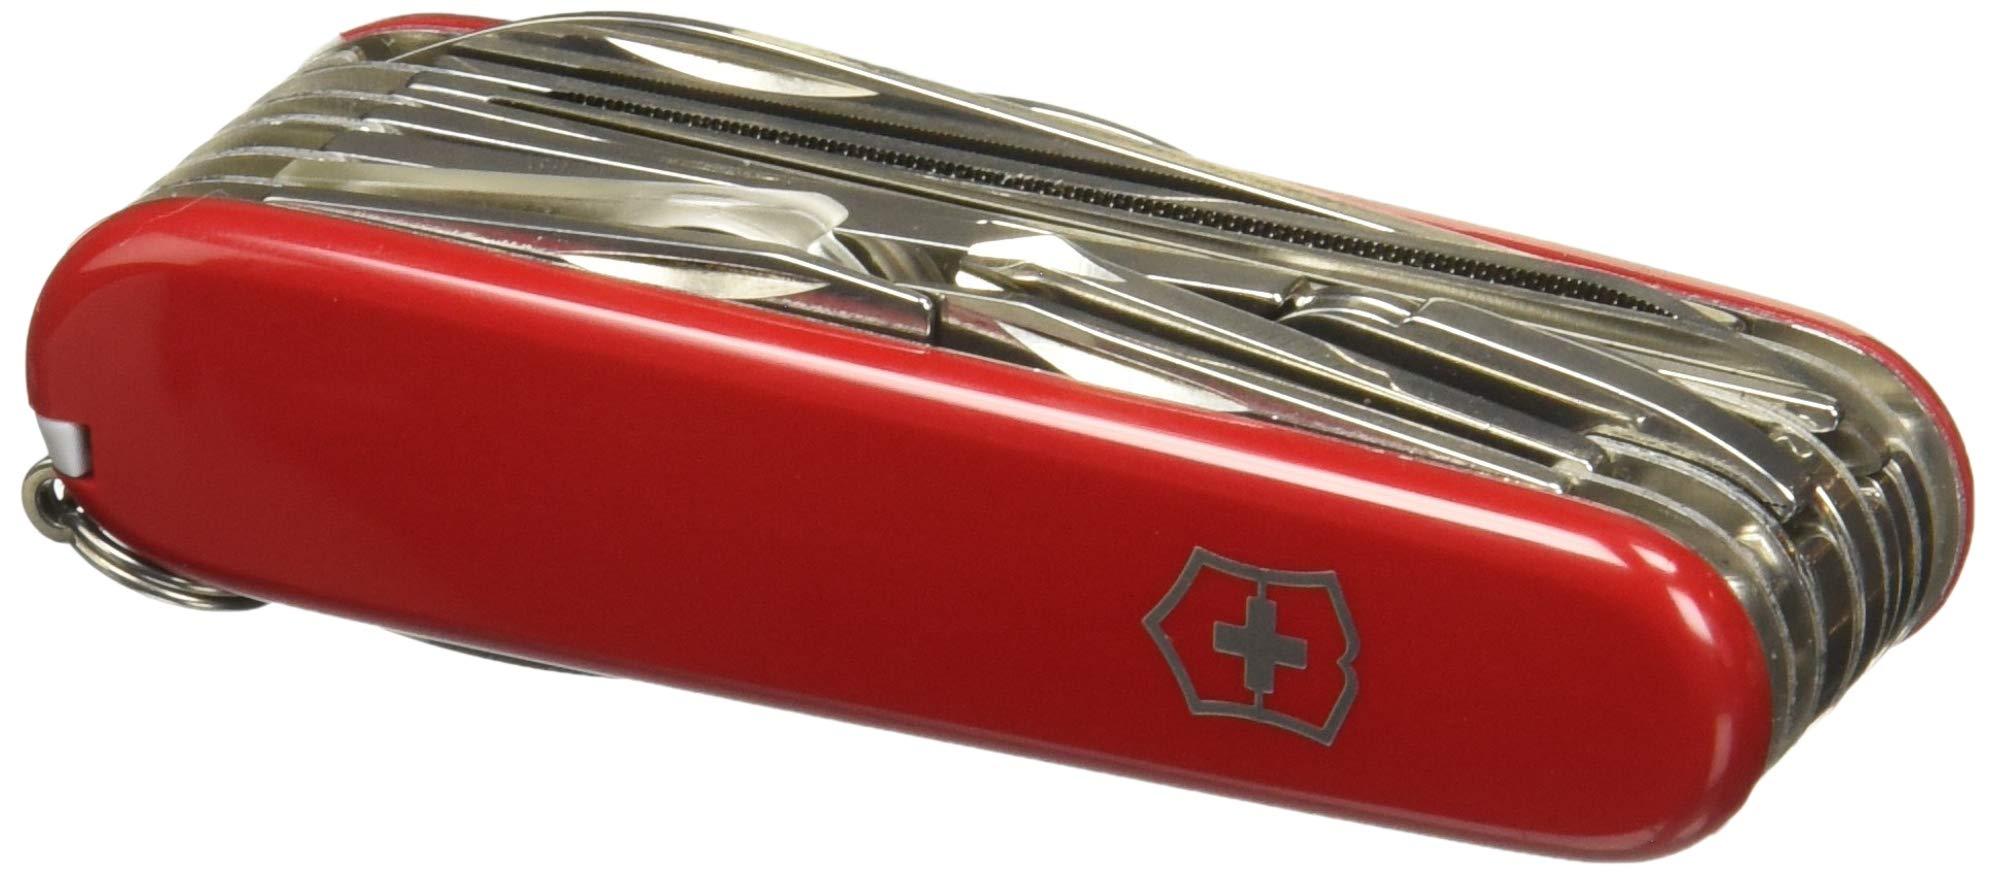 Victorinox Taschenwerkzeug Offiziersmesser Swiss Champ Rot Swisschamp Officer's Knife, Red, 91mm 2